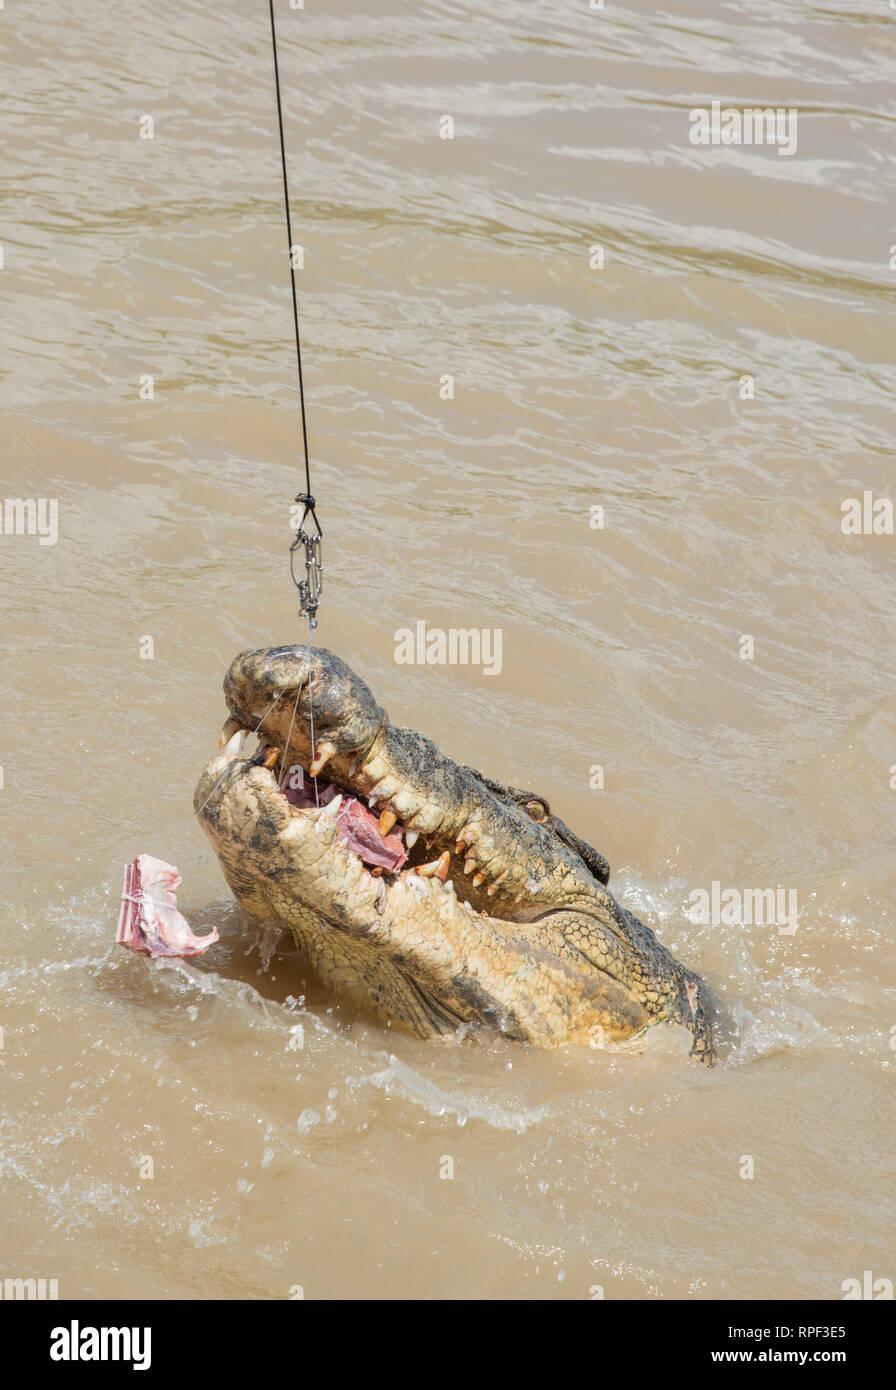 Salzwasser Krokodil springen für Raw Büffelfleisch während der Fütterung in der Adelaide River an einem sonnigen Tag in der mittleren Punkt, Northern Territory, Australien. Stockfoto